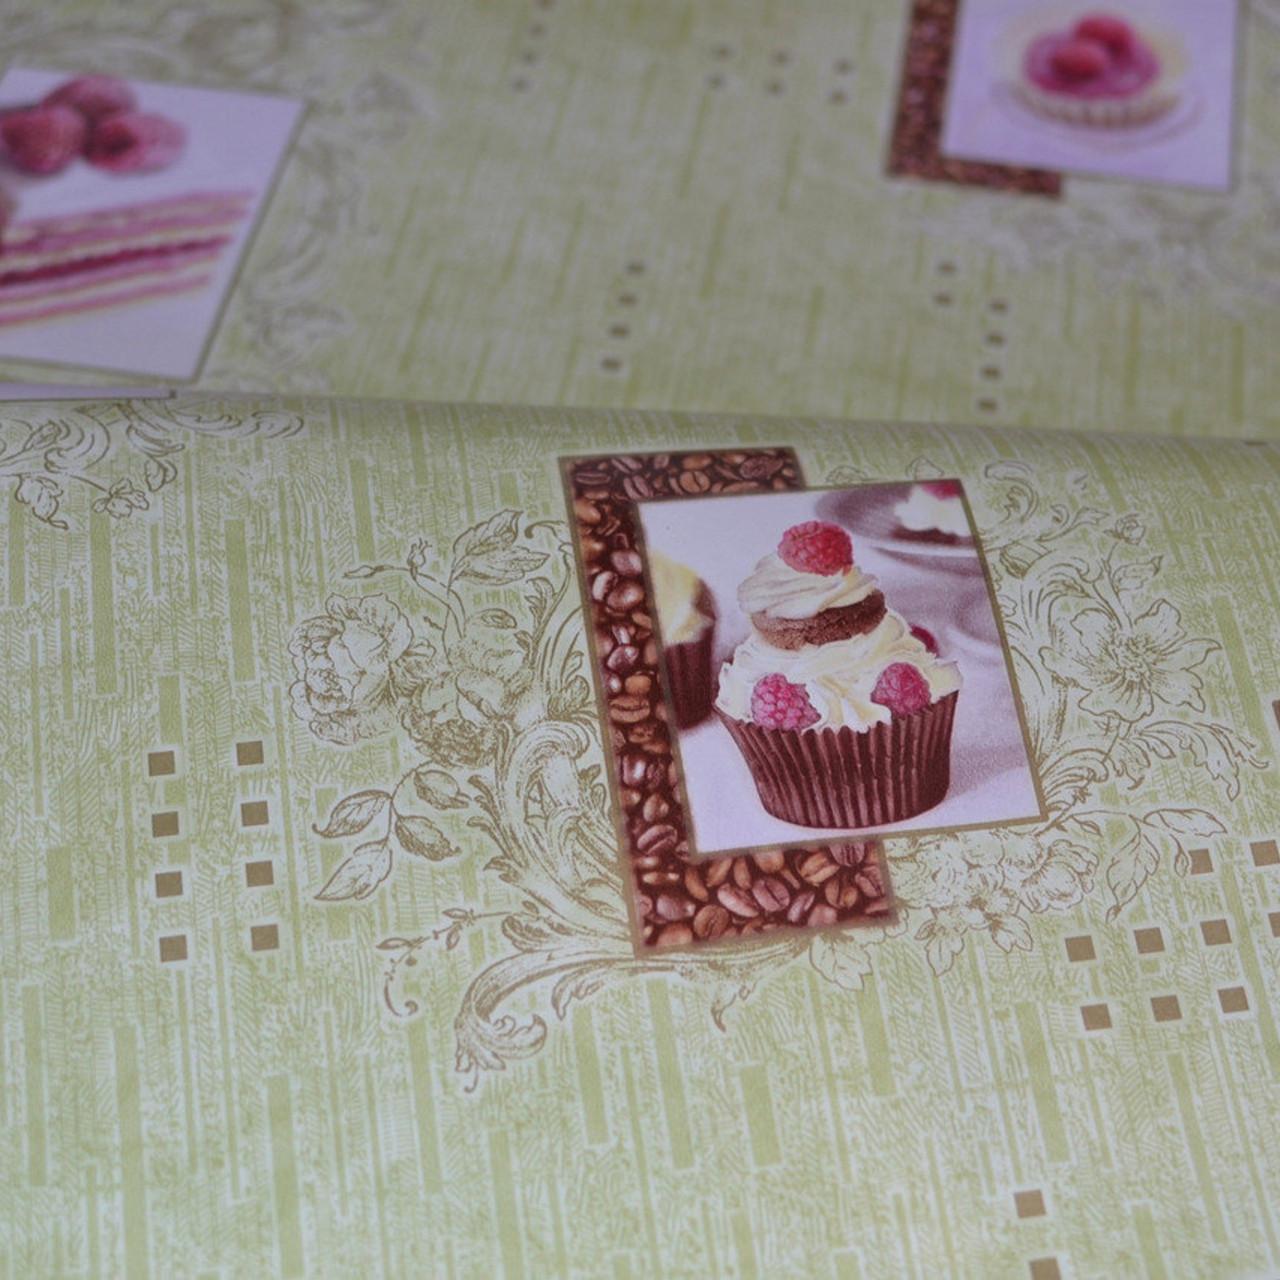 Обои, обои на стену, бумажные влагостойкие, торт, бисквит, капкейк, B56,4 Бисквит 8036-04Х, 0,53*10м